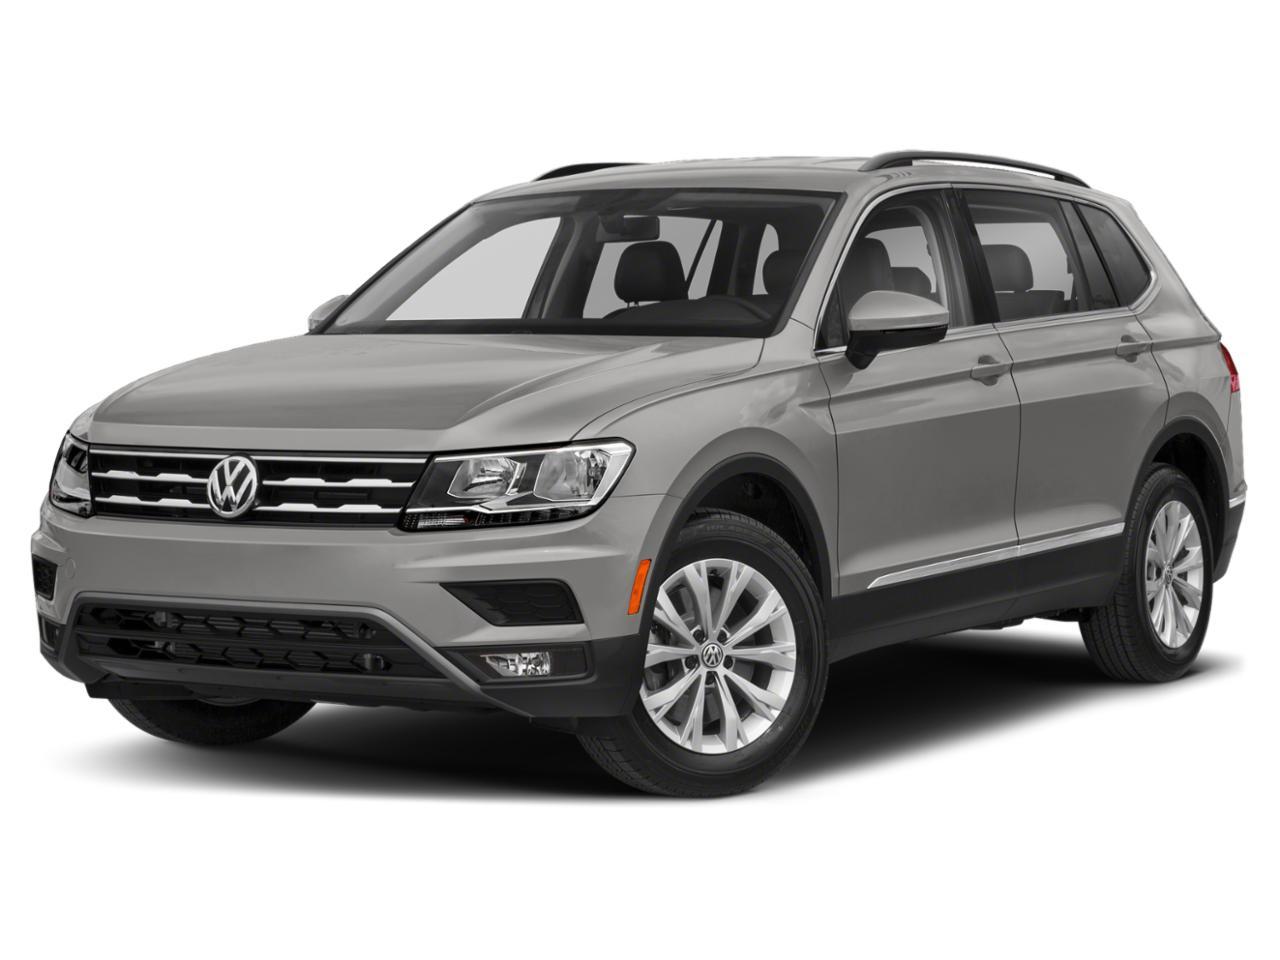 2019 Volkswagen Tiguan Vehicle Photo in Denver, CO 80123